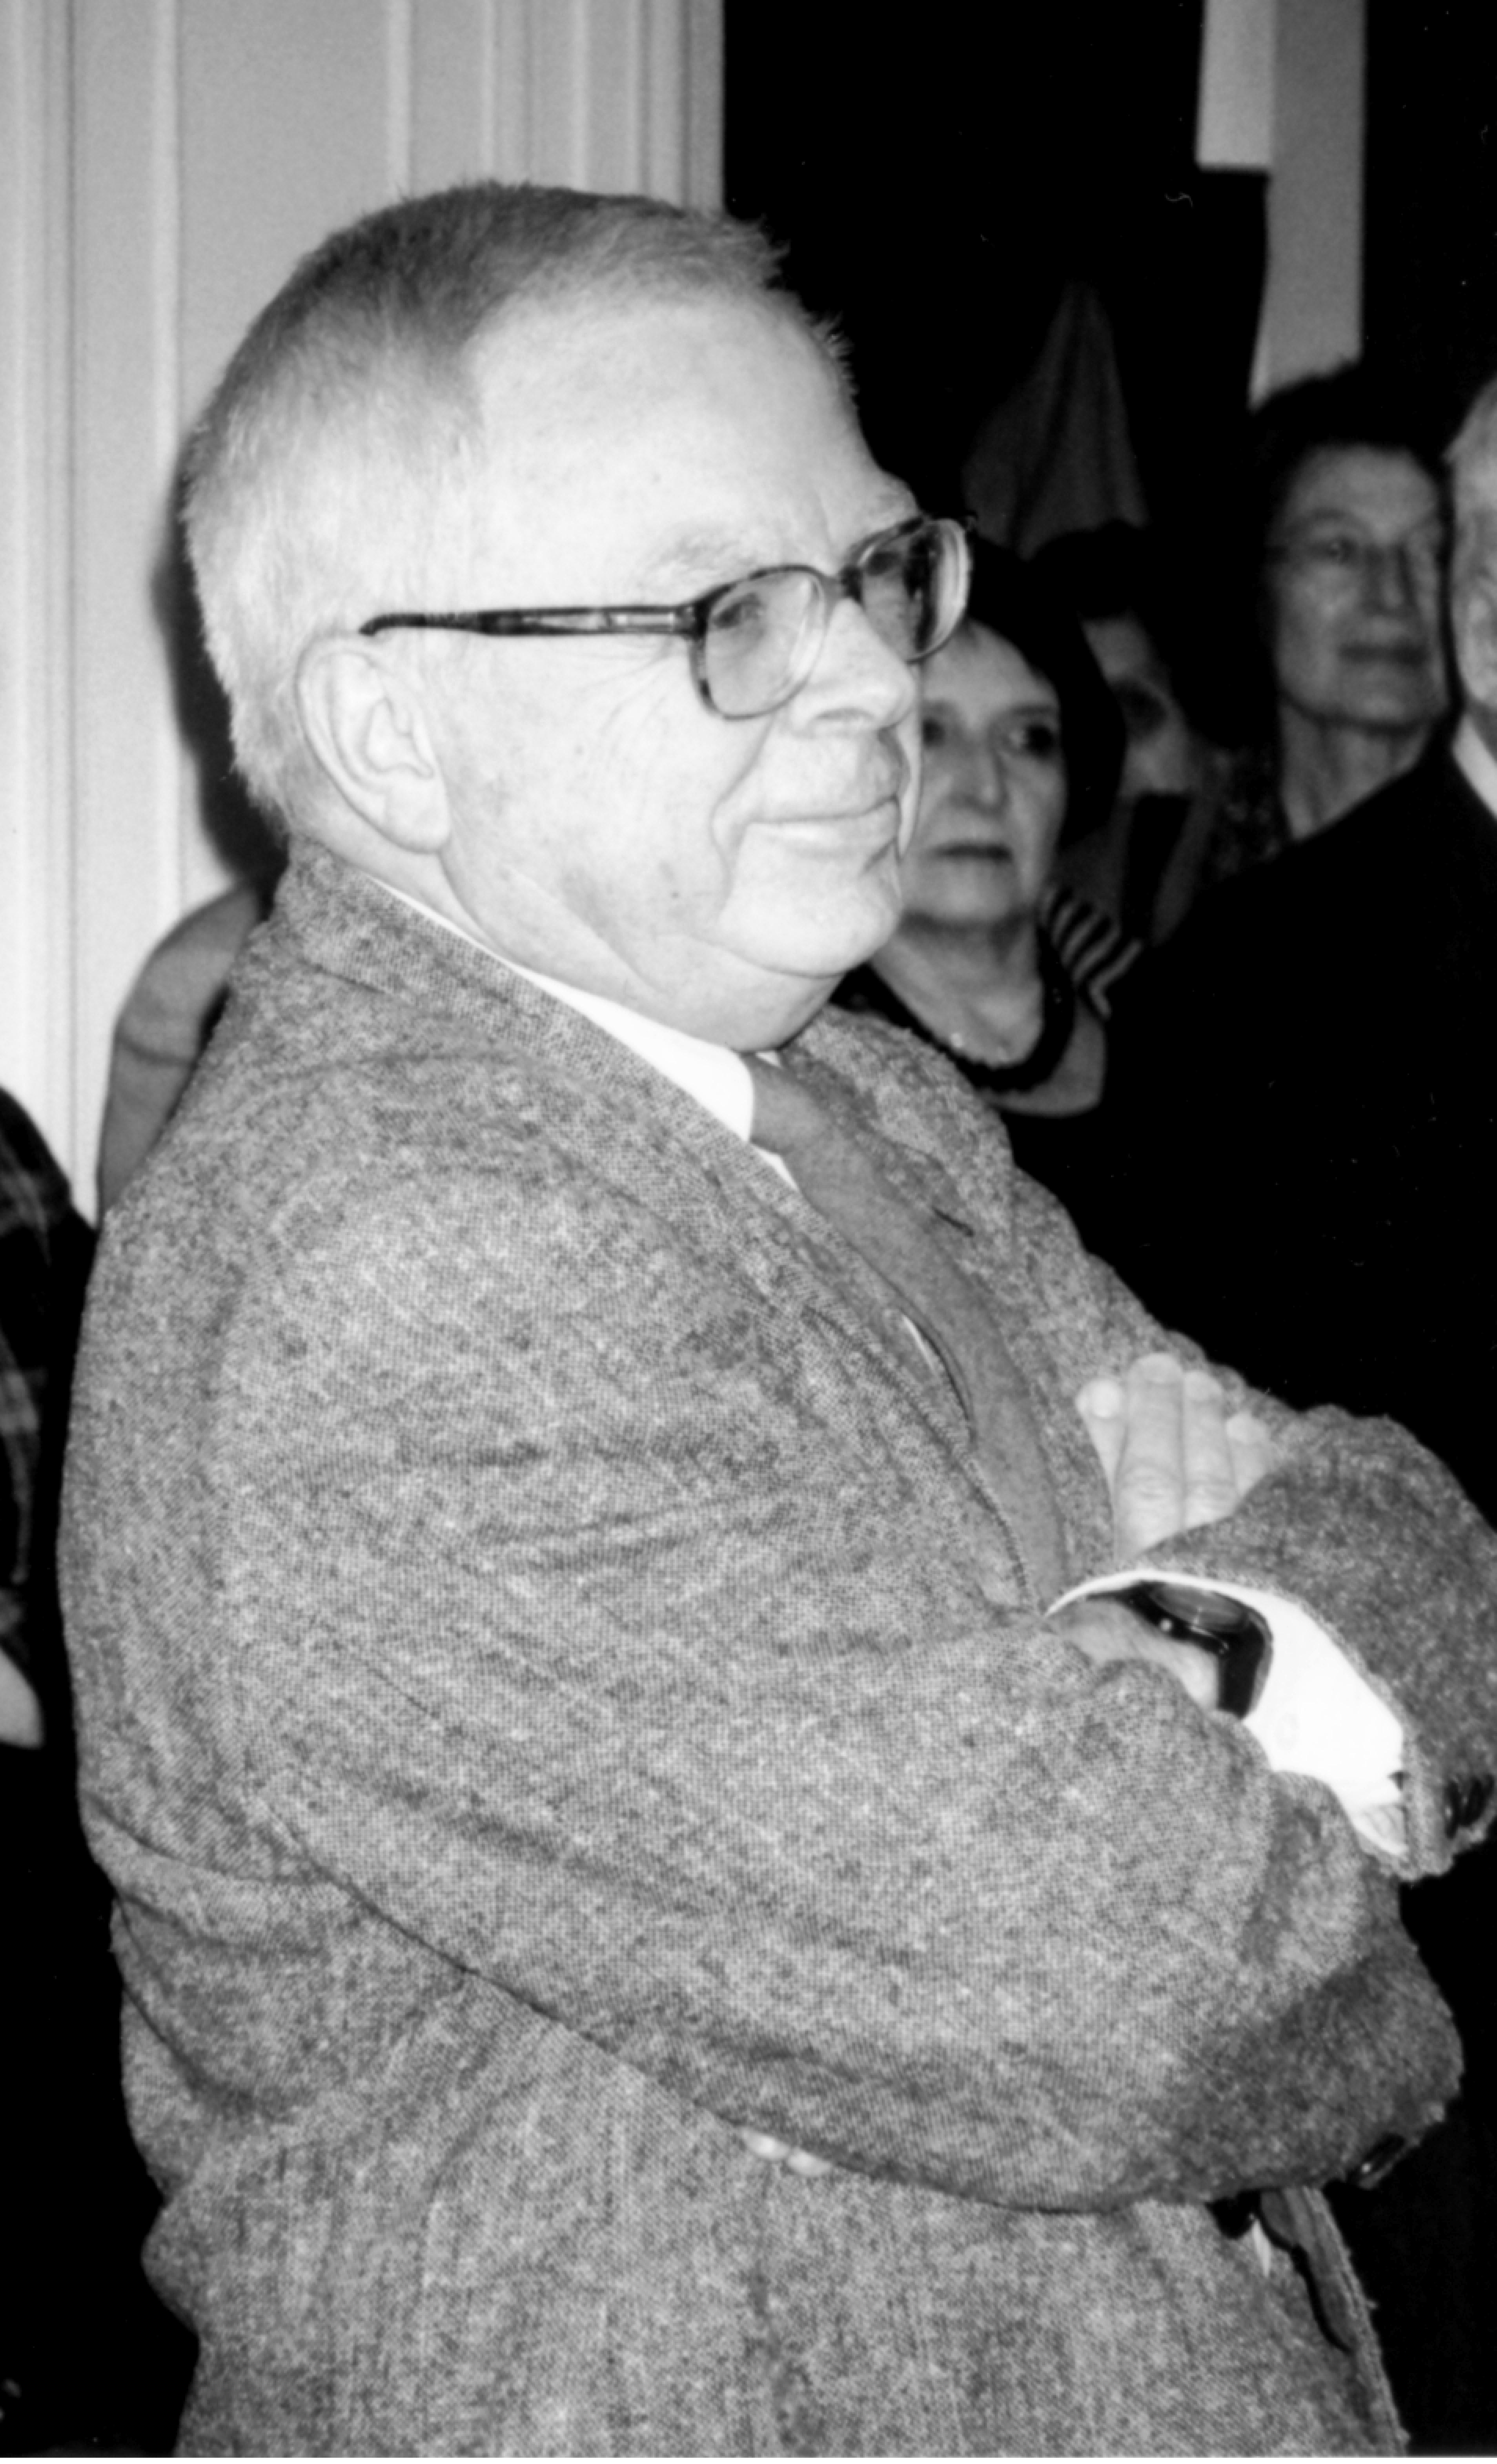 Michel AUCOUTURIER